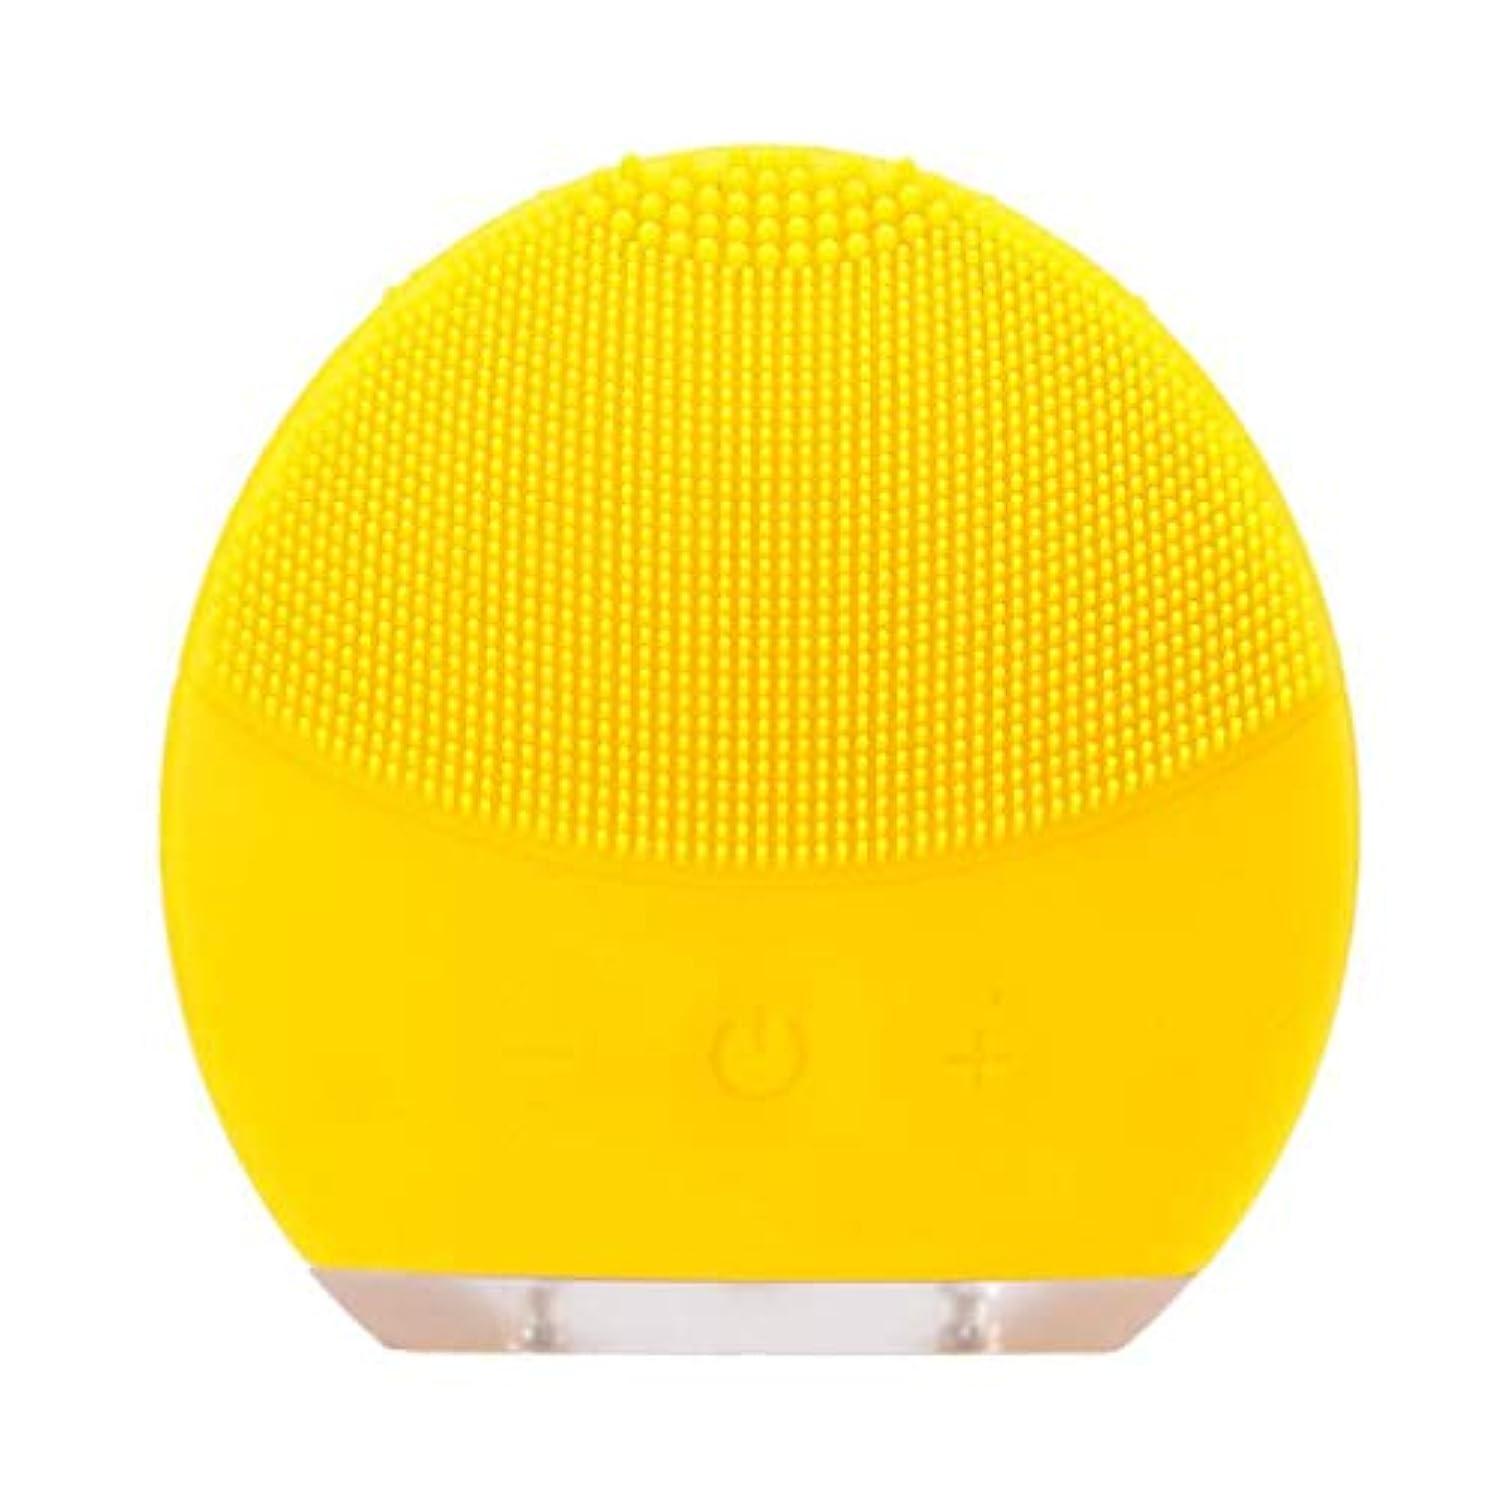 シネマボタン分数超音波振動美容機器洗浄器、皮膚の毛穴を最小限に抑えるマイクロダーマブレーション毛穴、USB 充電と防水,Yellow